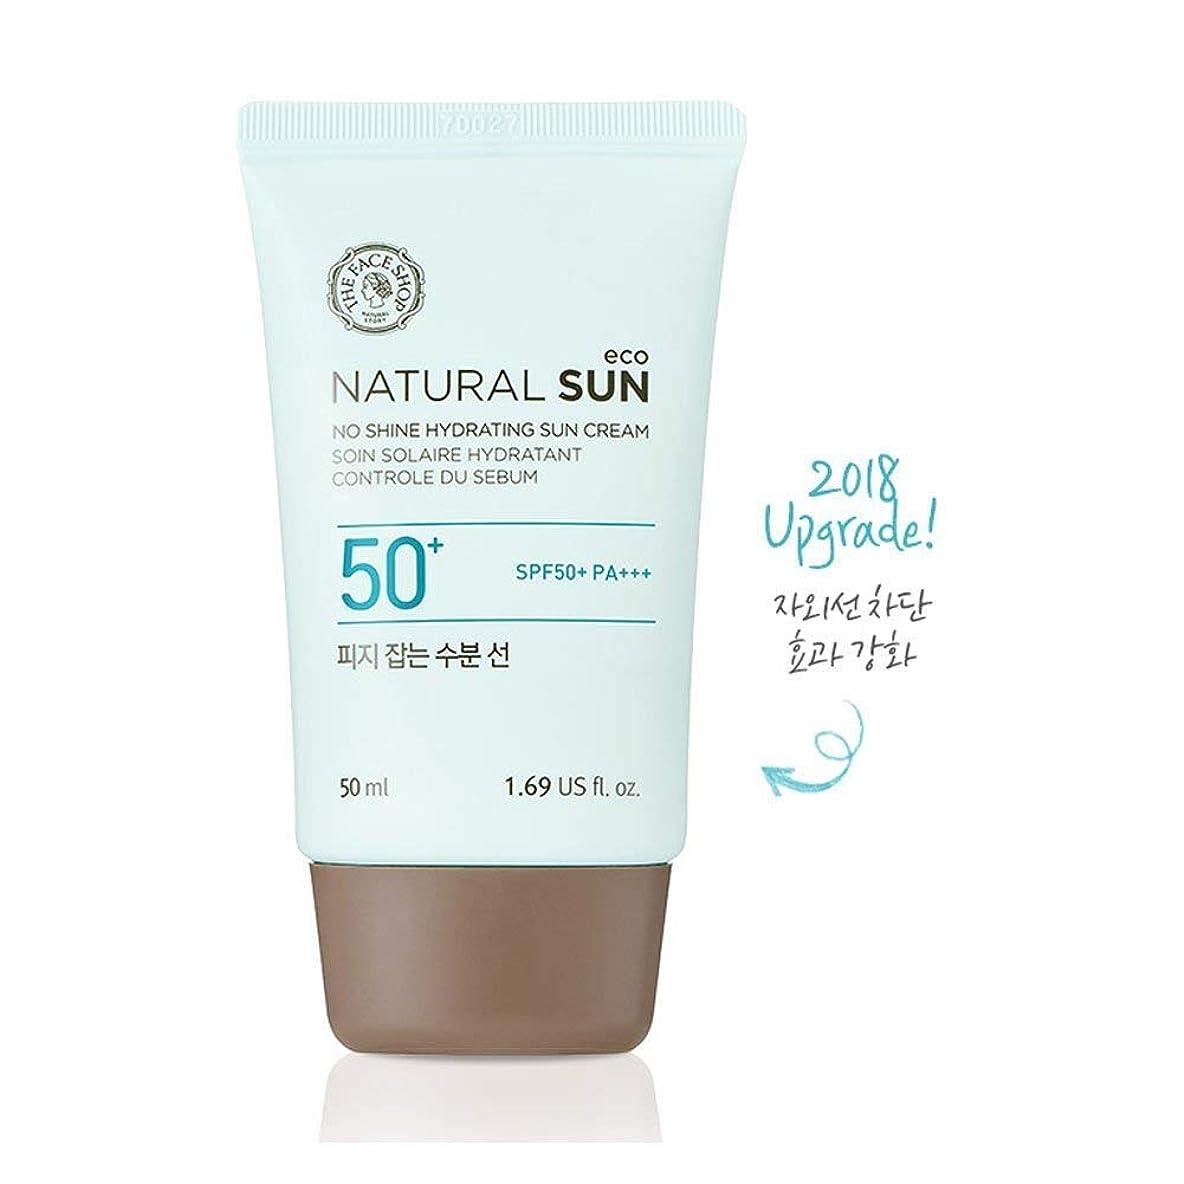 テクスチャーすり優勢ザ?フェイスショップ ネチュロルソンエコフィジーサン?クリーム SPF50+PA+++50ml 韓国コスメ、The Face Shop Natural Sun Eco No Shine Hydrating Sun Cream SPF50+ PA+++ 50ml Korean Cosmetics [並行輸入品]